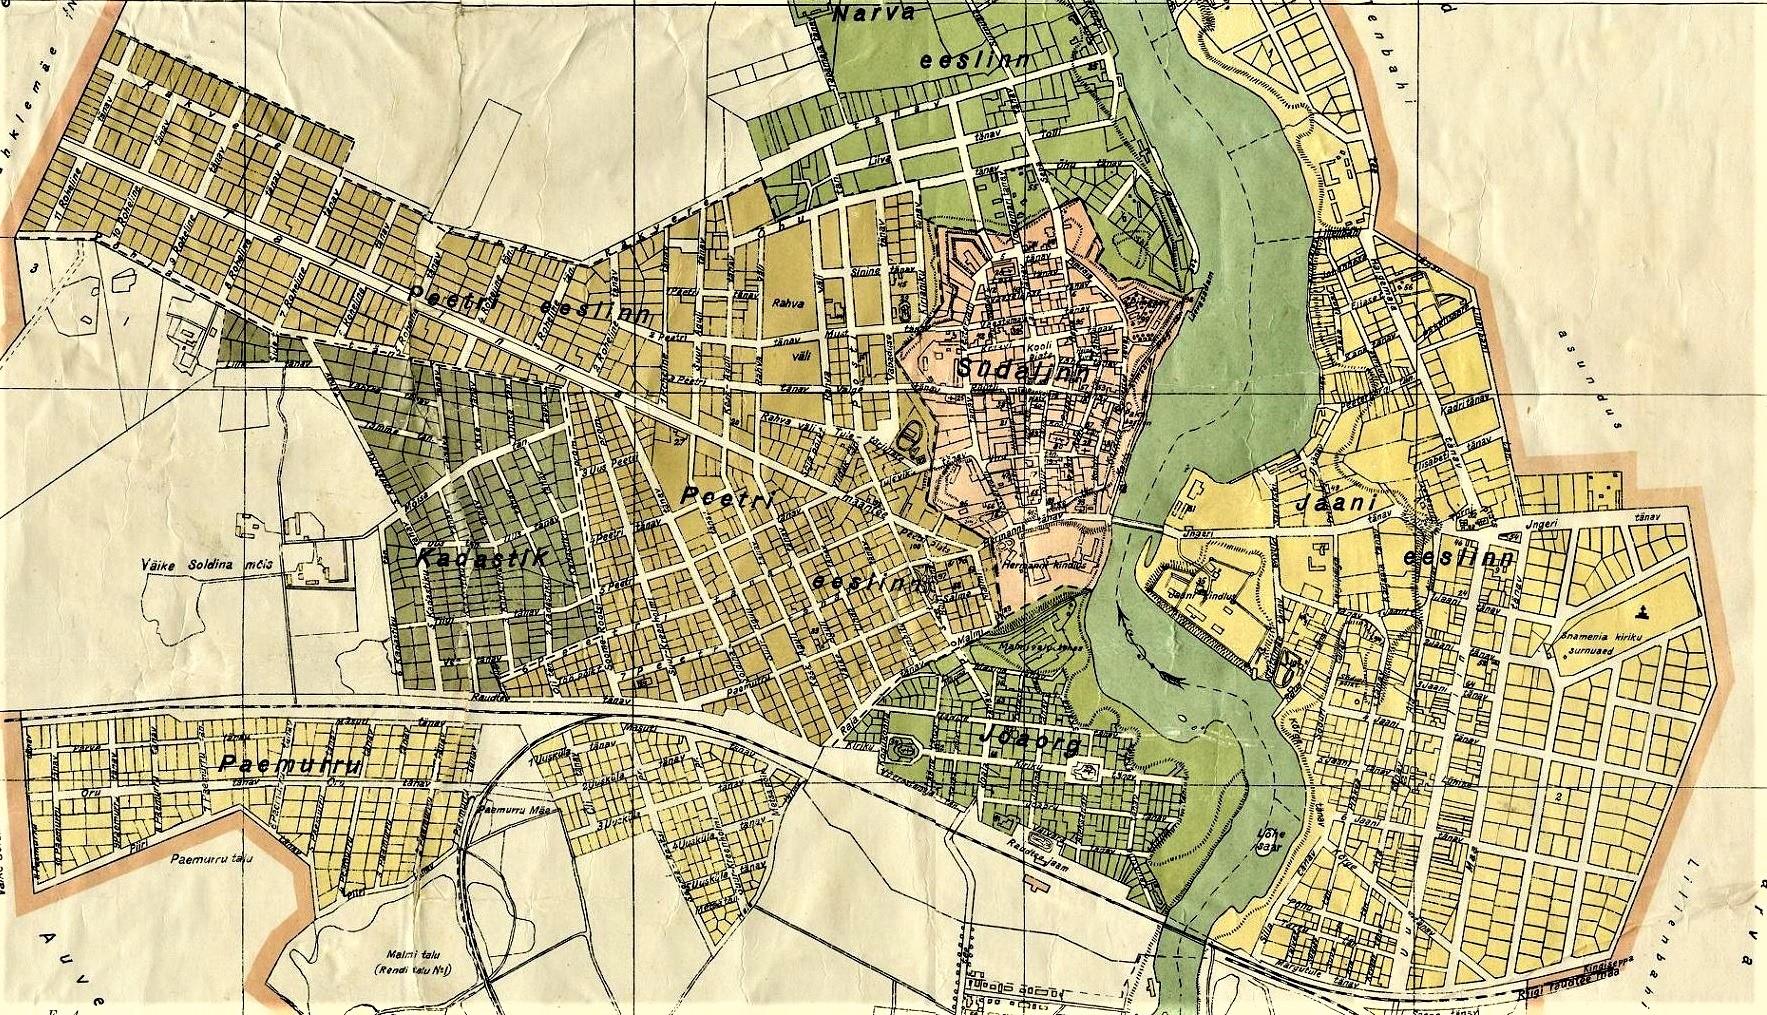 Laupäeval, 5. detsembril kell 12:00 kutsub Narva Muuseum Vana-Narva jalgsiekskursioonile